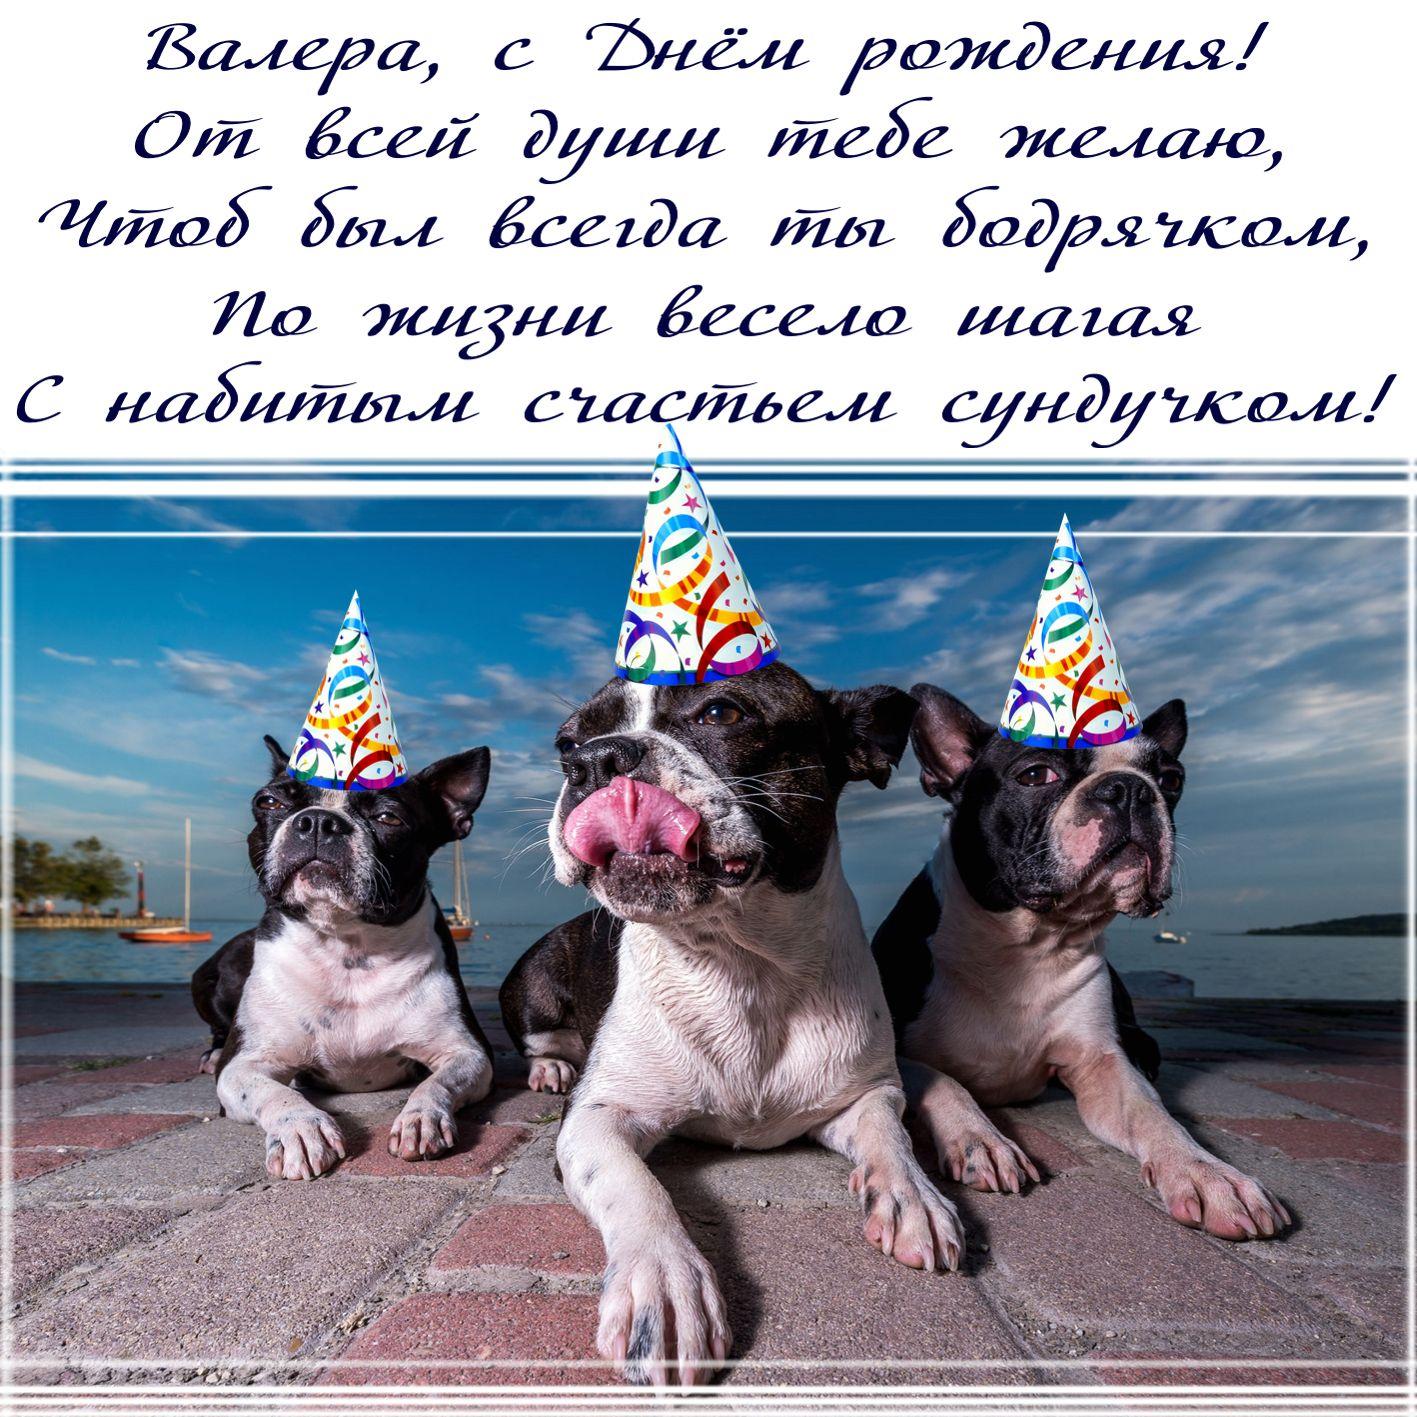 С днем рождения валера открытка мерцающая